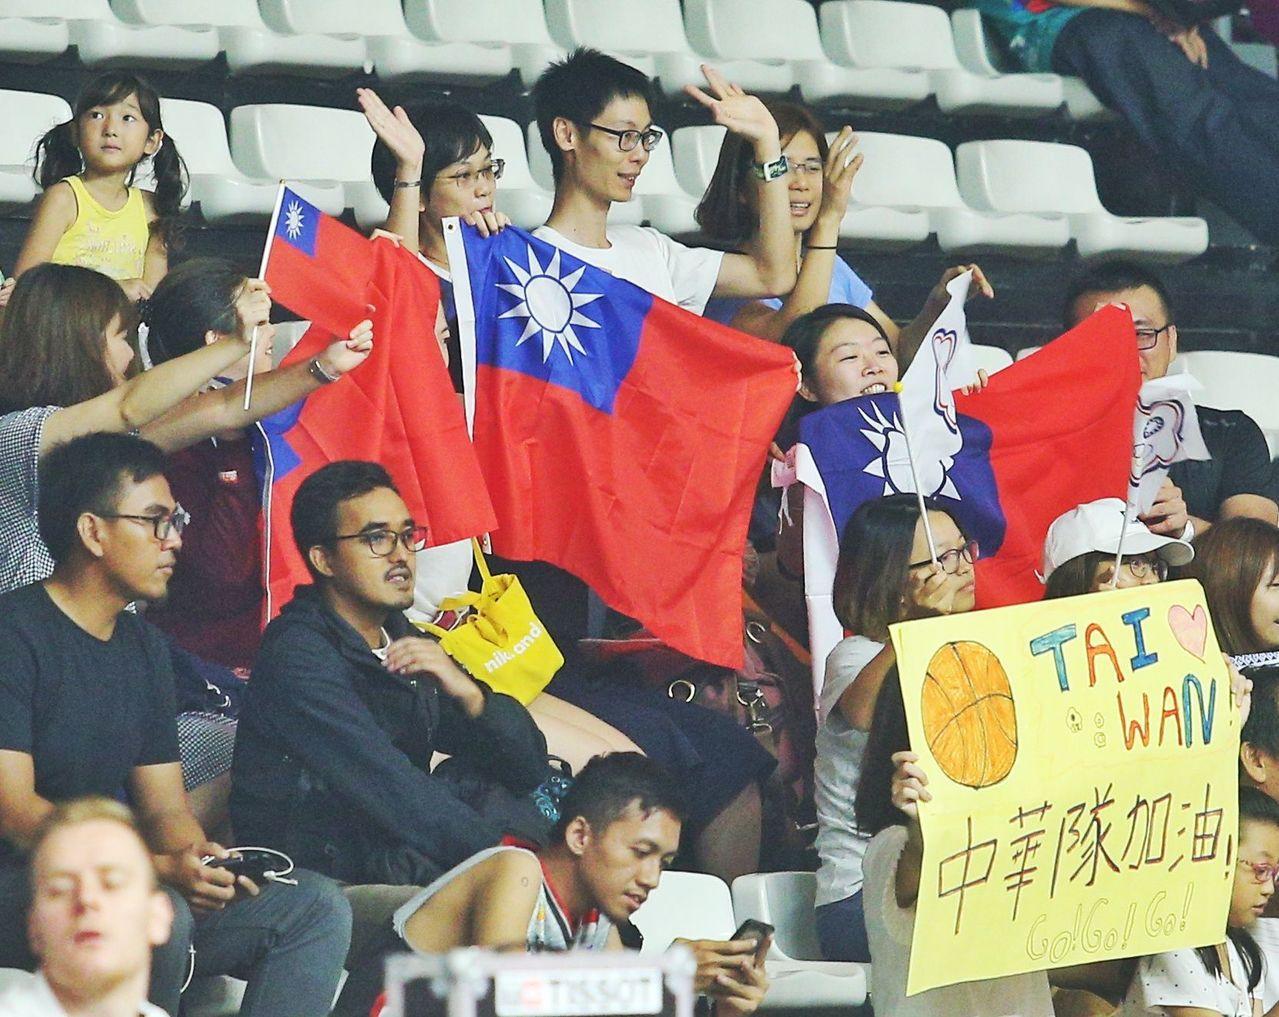 中華隊場邊的啦啦隊拿國旗加油,但工作人員之後勸阻,國旗就沒再出現。特派記者陳正興...